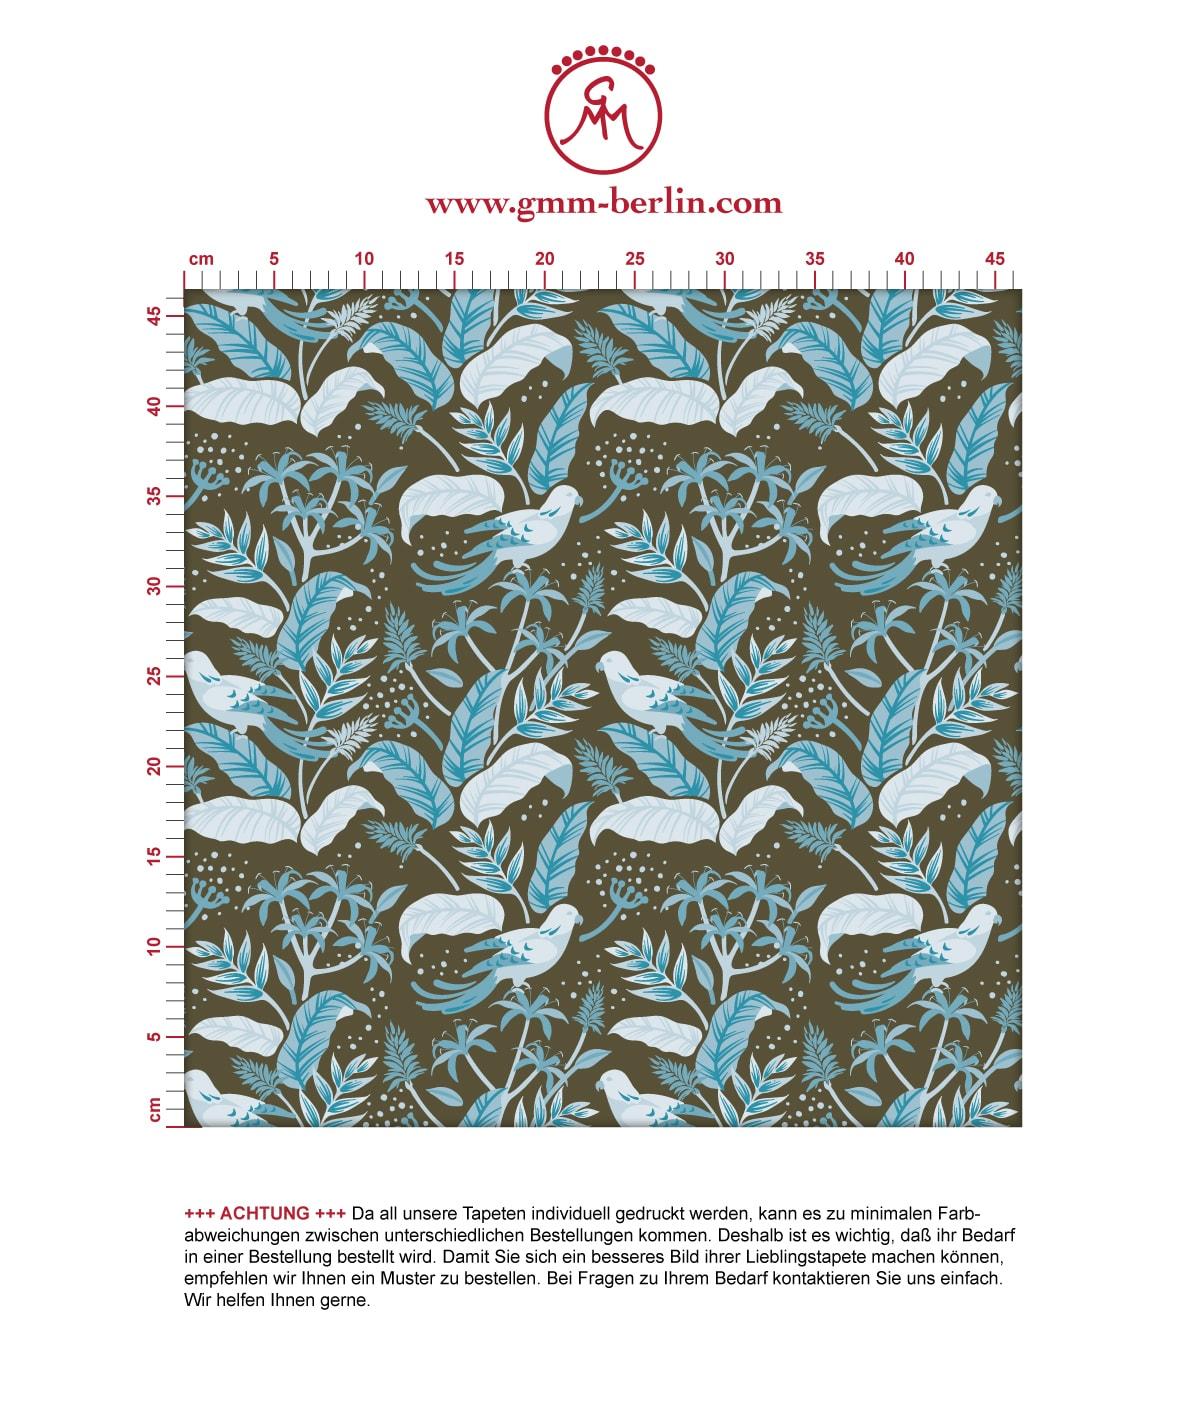 Tropische Wild Birds Tapete mit Dschungel aus der Tapeten Design Familie: 00175 als Naturaltouch Luxus Vliestapete oder Basic Vliestapete